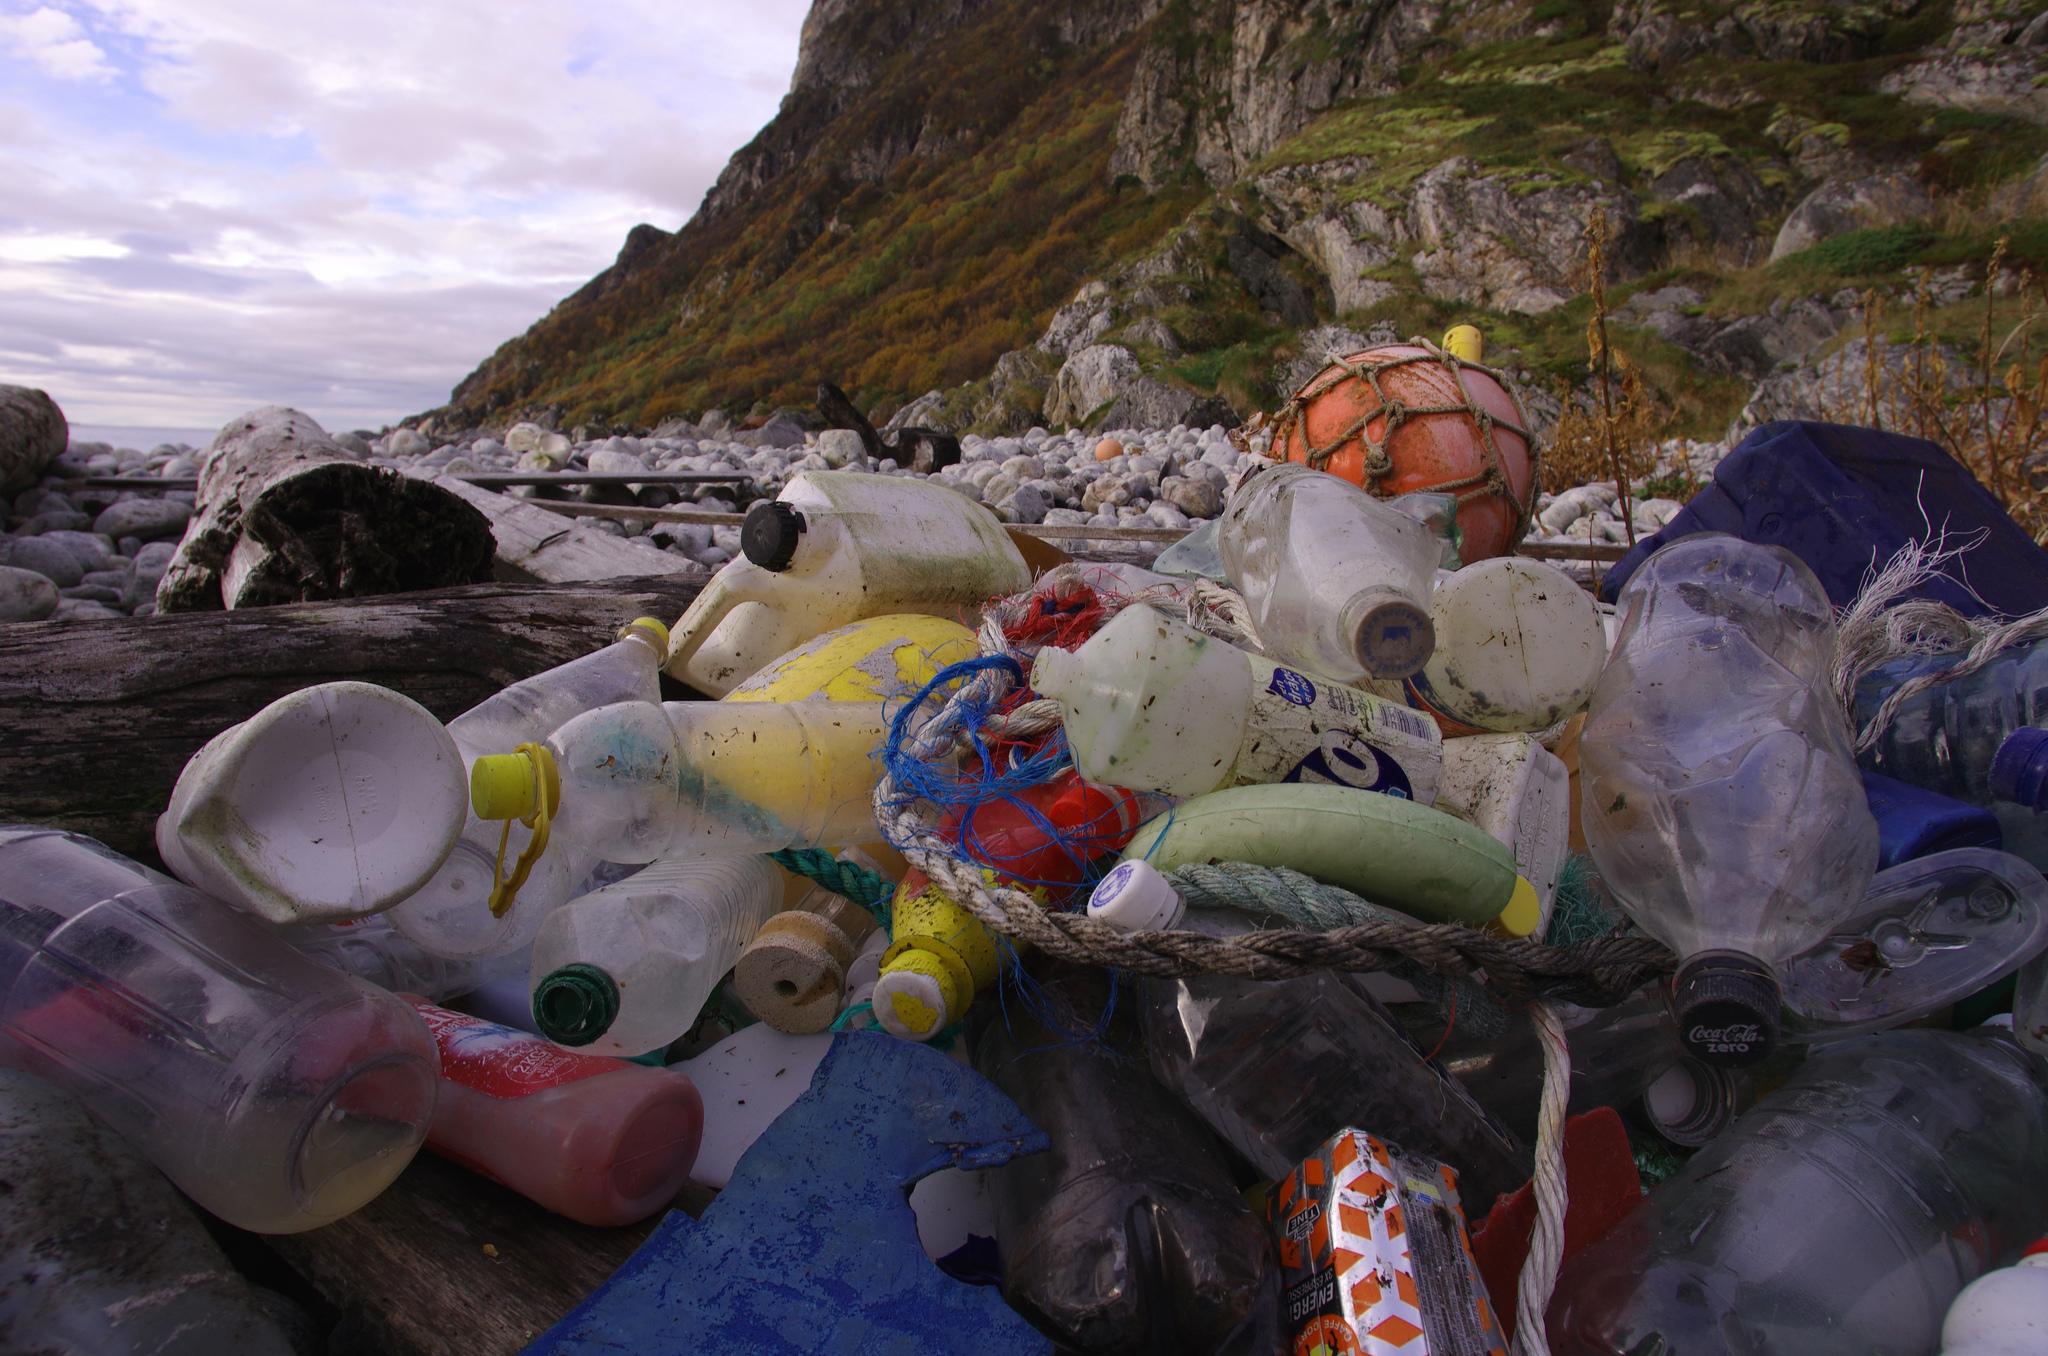 Suurin osa merten muovijätteestä on peräisin kymmenestä joesta, jotka sijaitsevat Aasiassa ja Afrikassa.